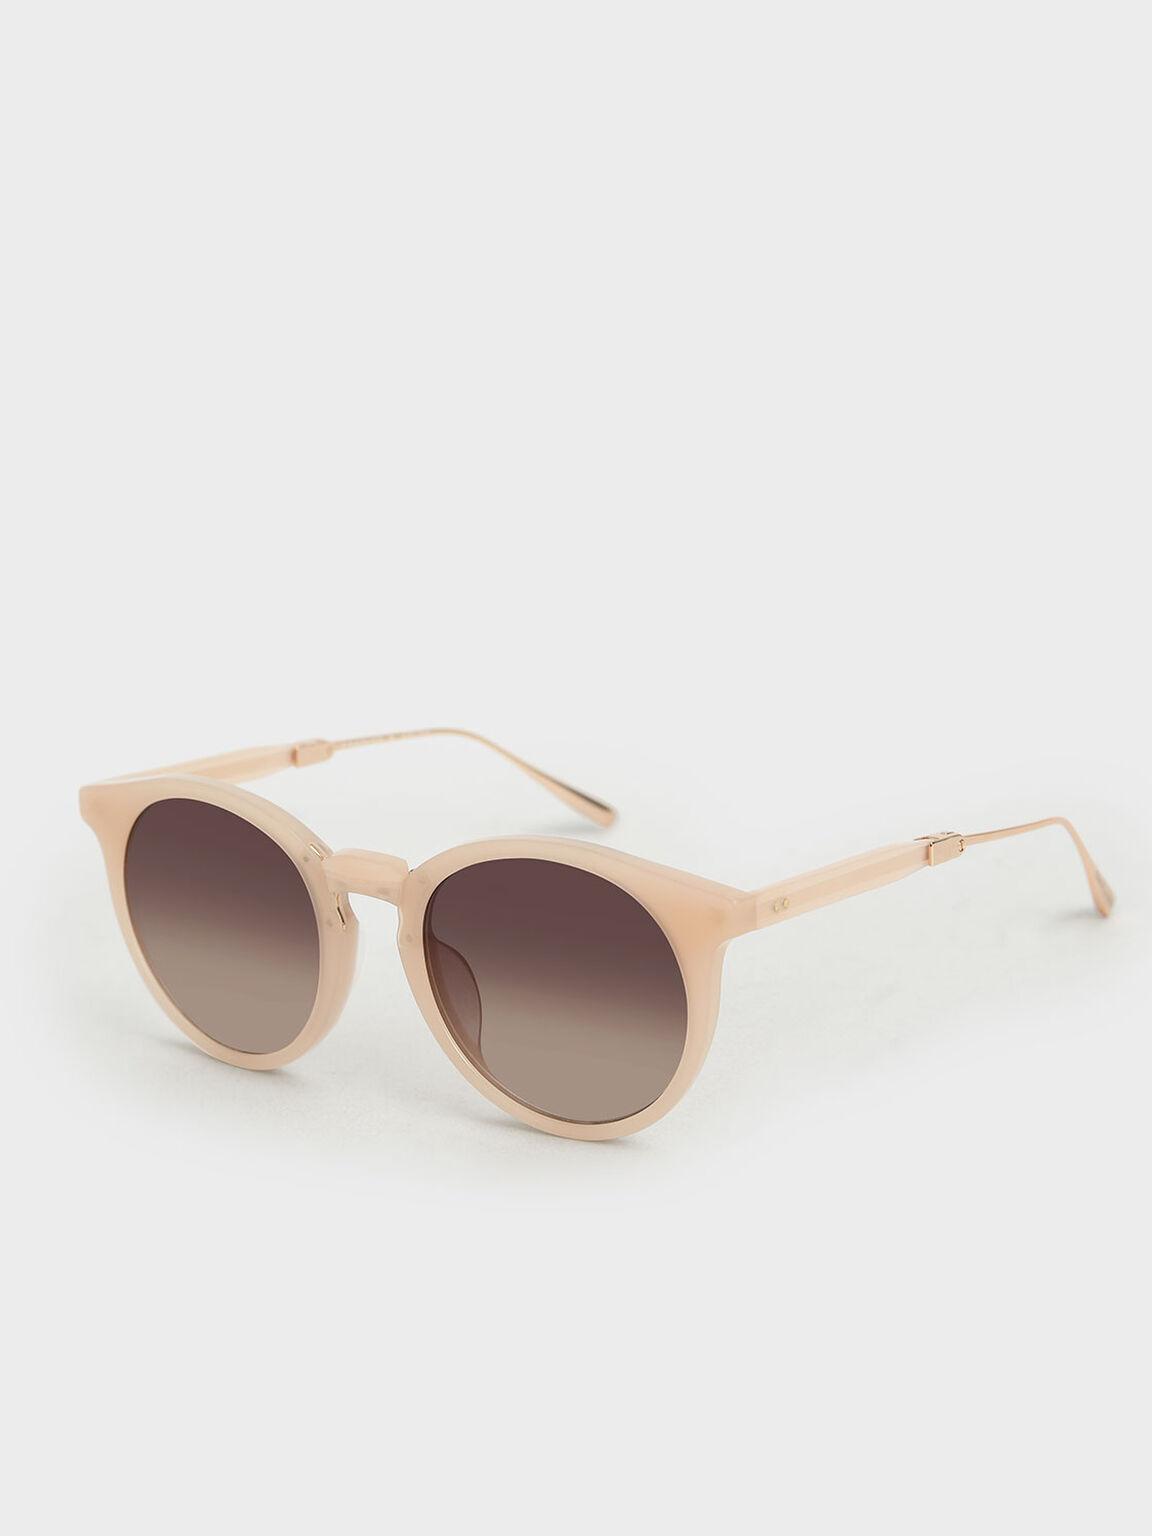 Round Acetate Sunglasses, Pink, hi-res